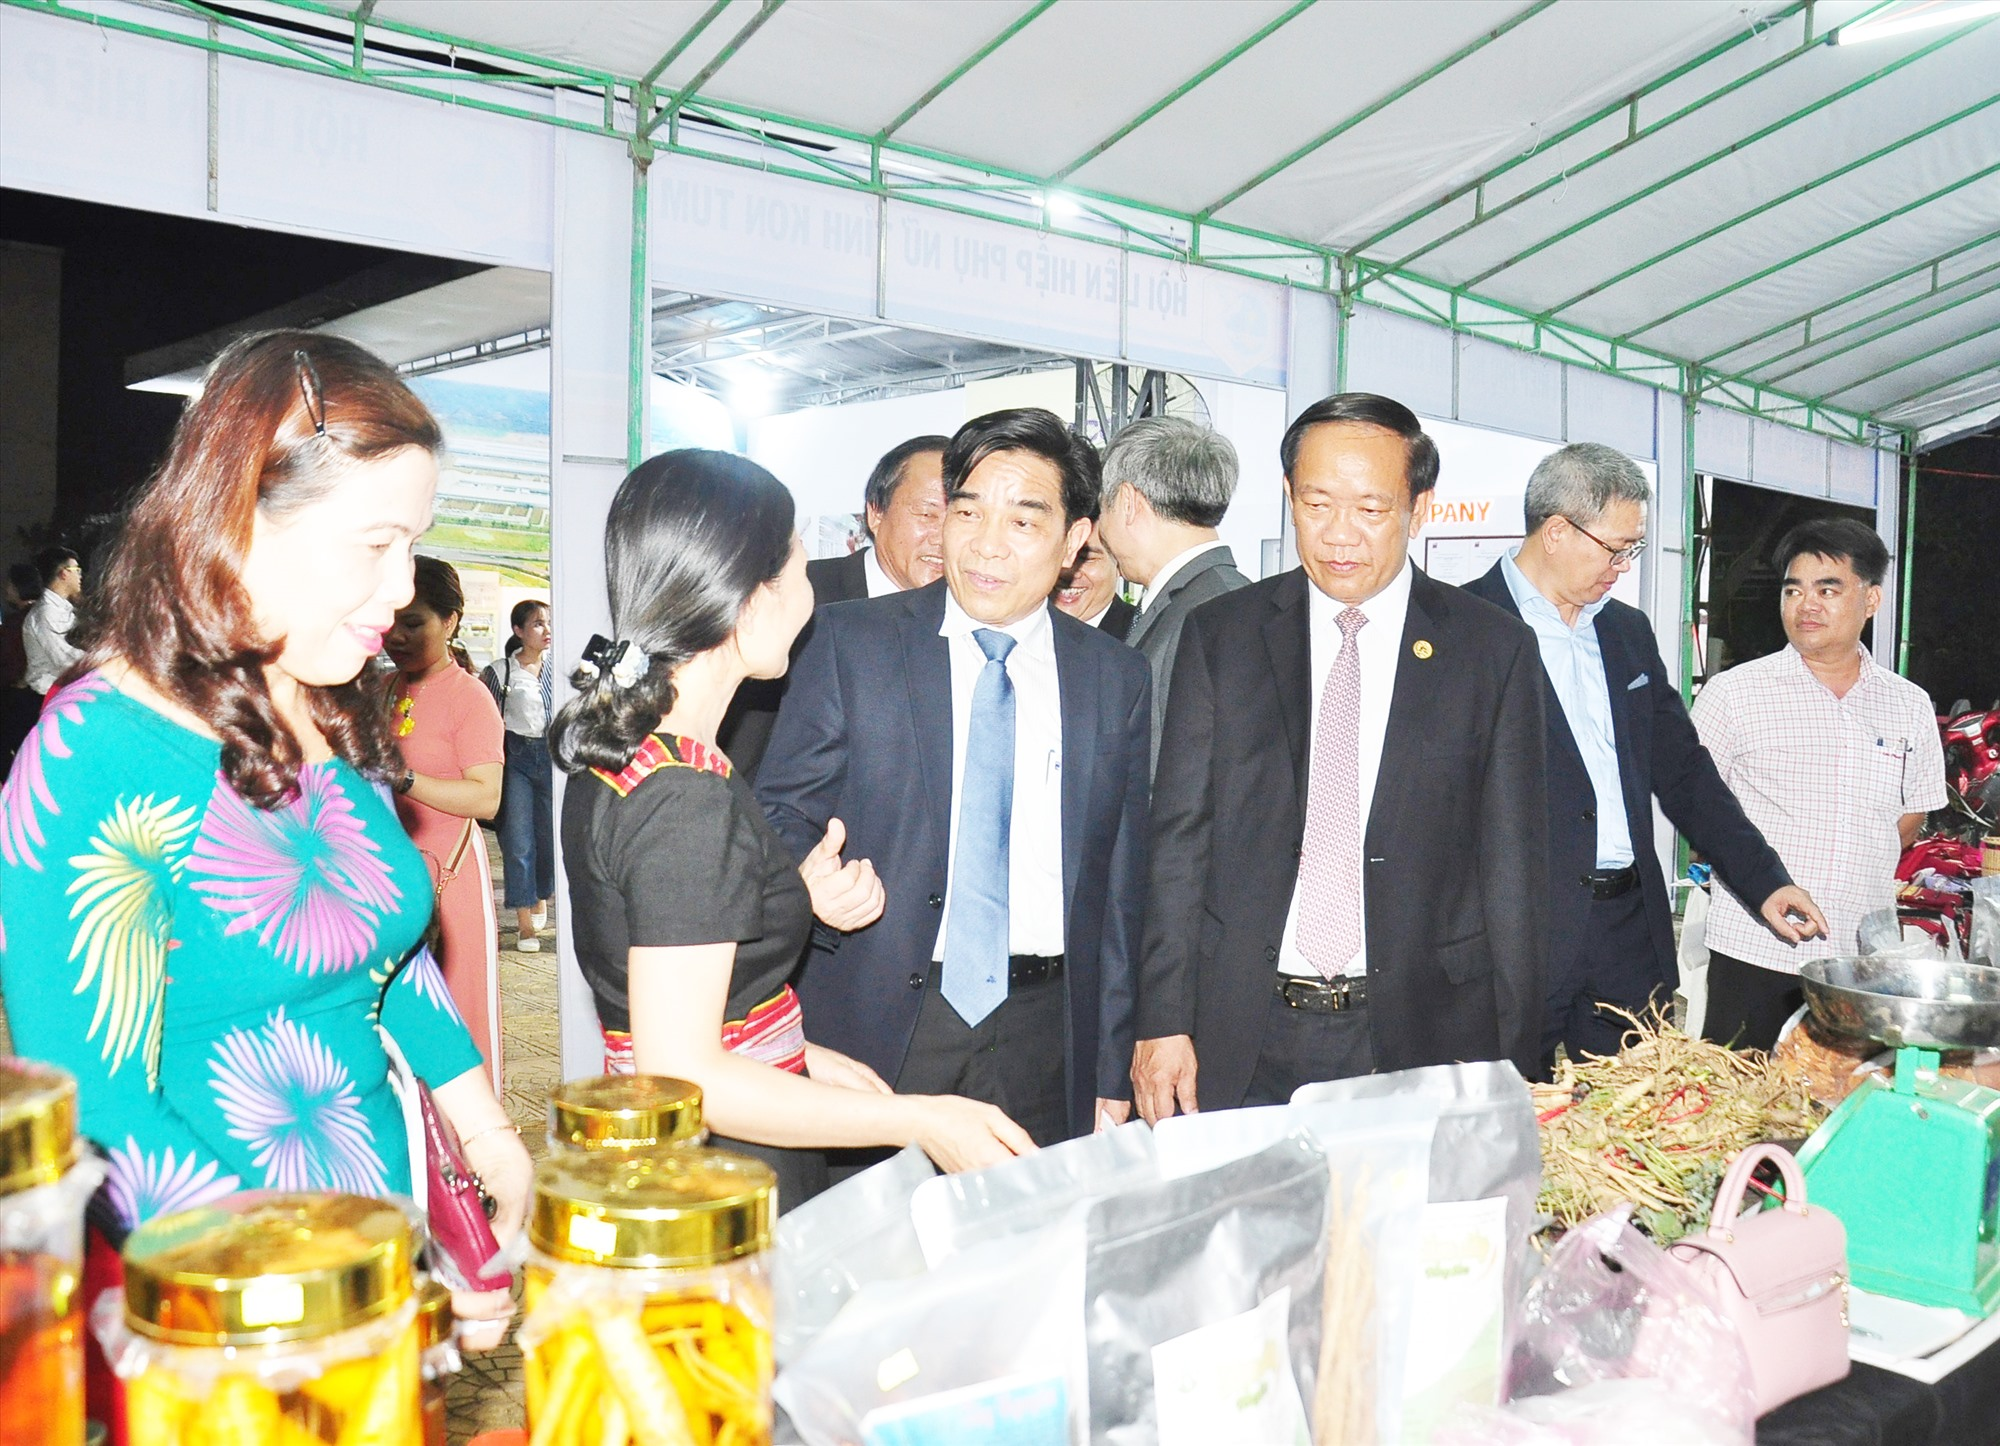 Hội LHPN tỉnh phối hợp với UBND tỉnh tổ chức thành công sự kiện Techfest Quảng Nam và Ngày hội Phụ nữ khởi nghiệp sáng tạo miền Trung - Tây Nguyên lần thứ I -2019. Ảnh: VINH ANH